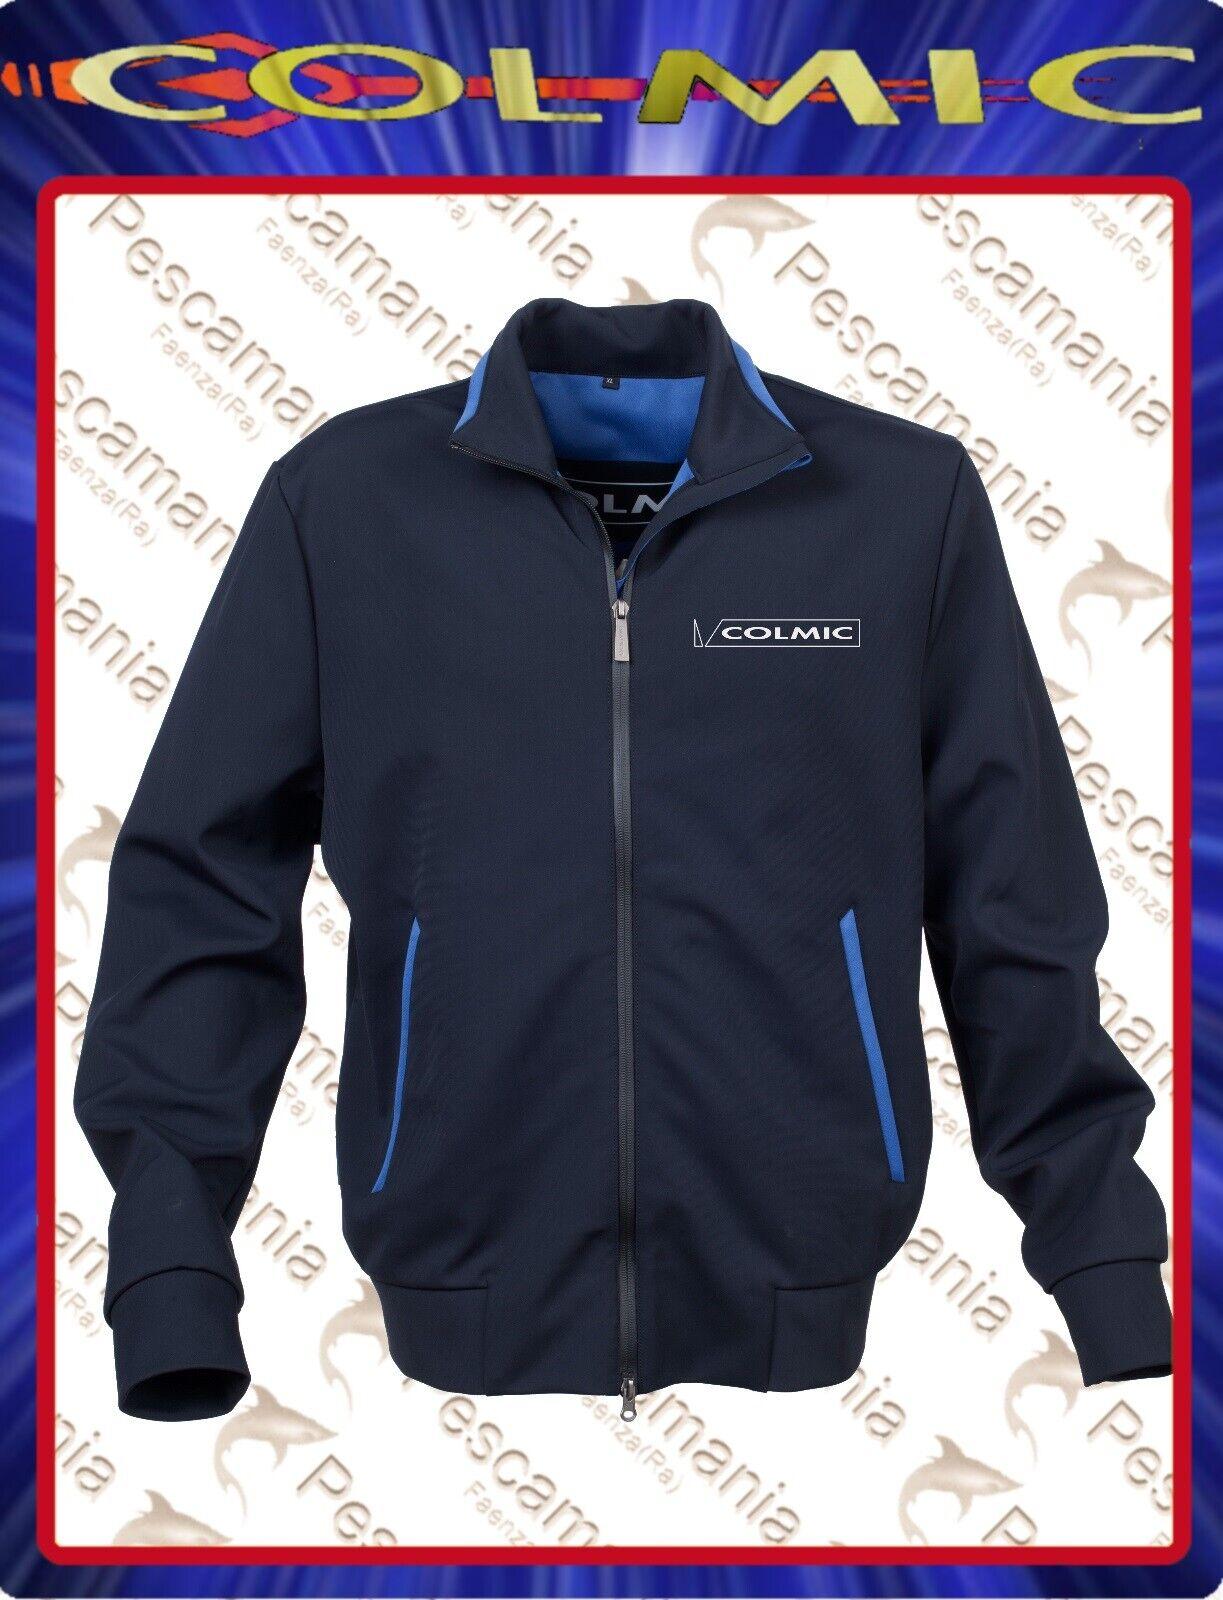 Giacca Colmic Soft shell bluazzurra confortevole impermeabile traspirante